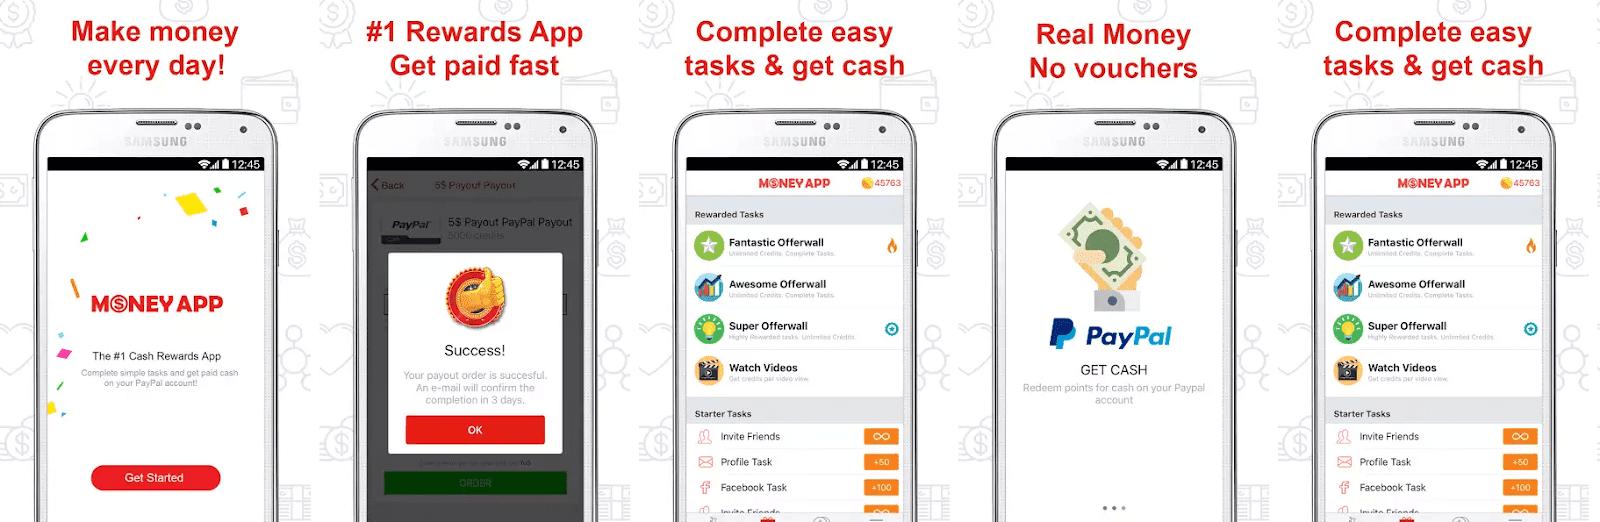 program pentru a face bani pentru Android nu- mi minți bani repezi